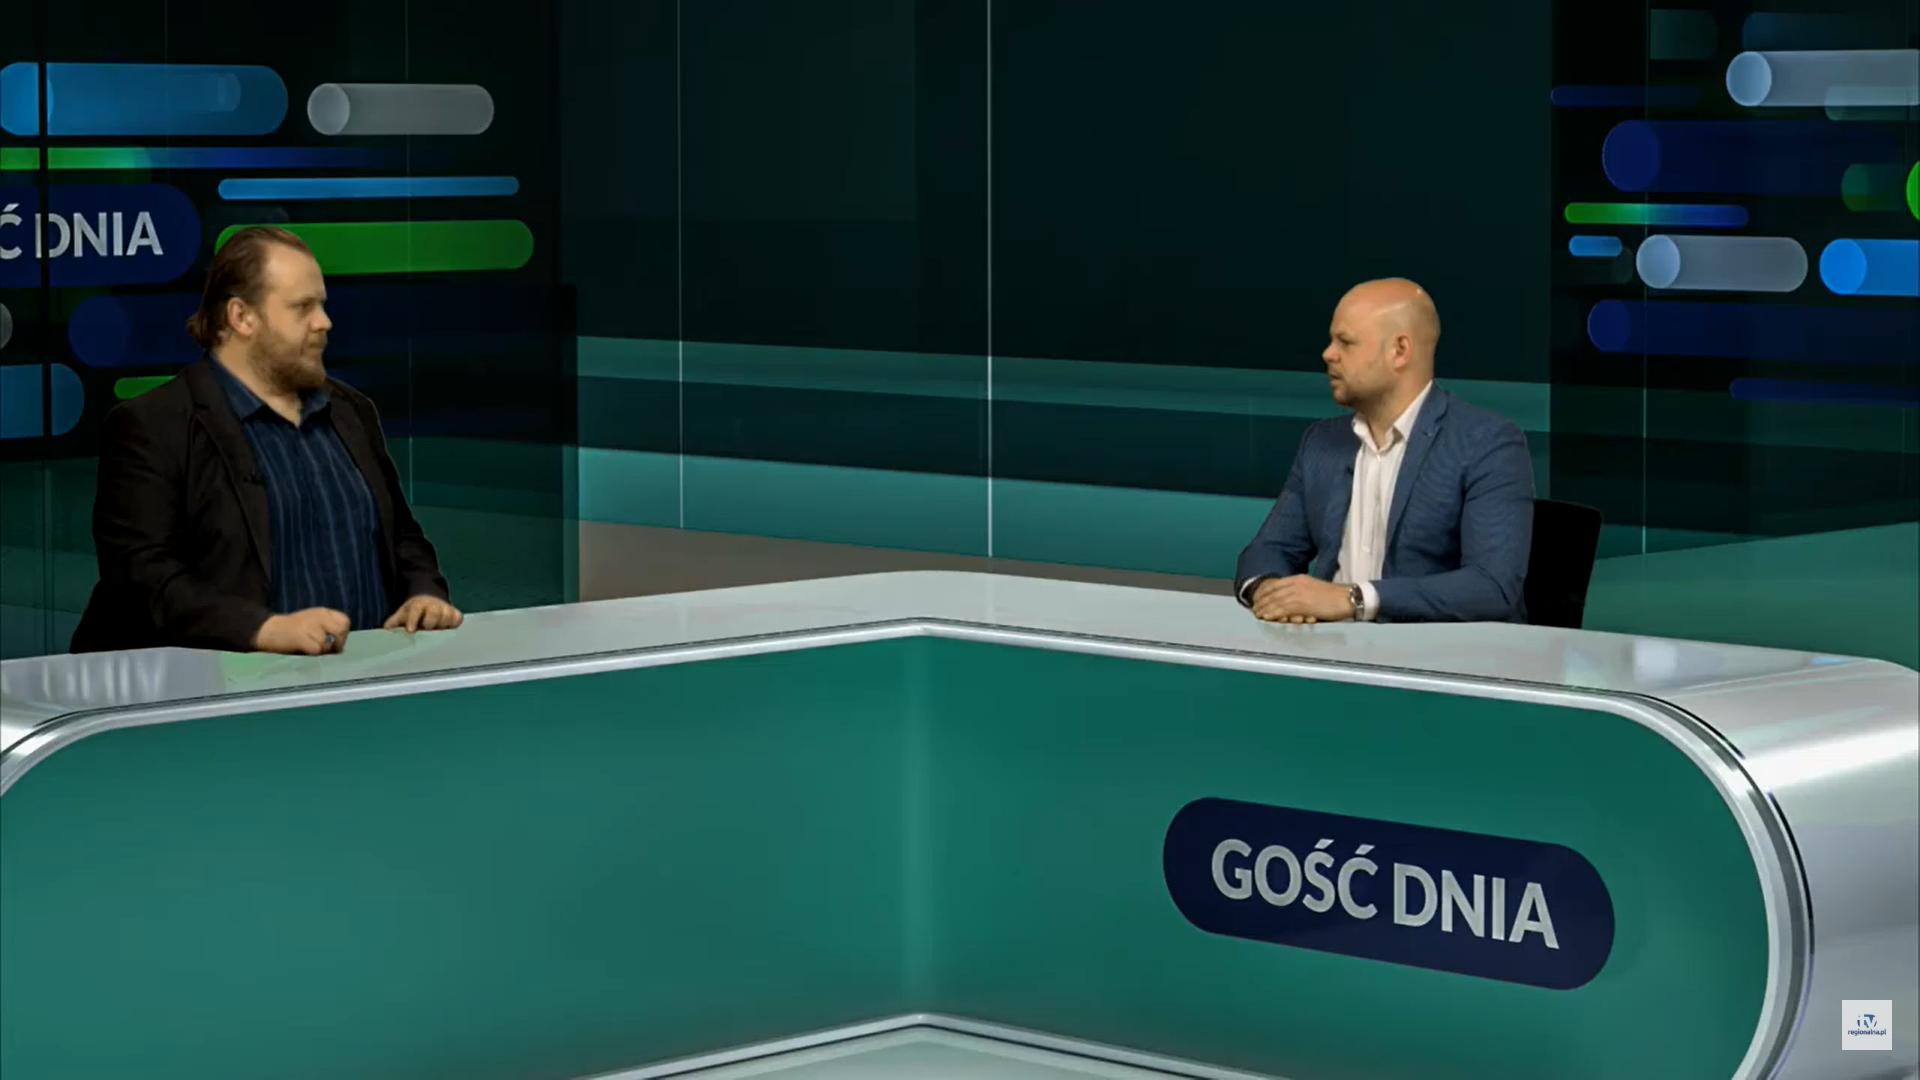 Burmistrz Kulczyński: opozycja kłamie (wideo)